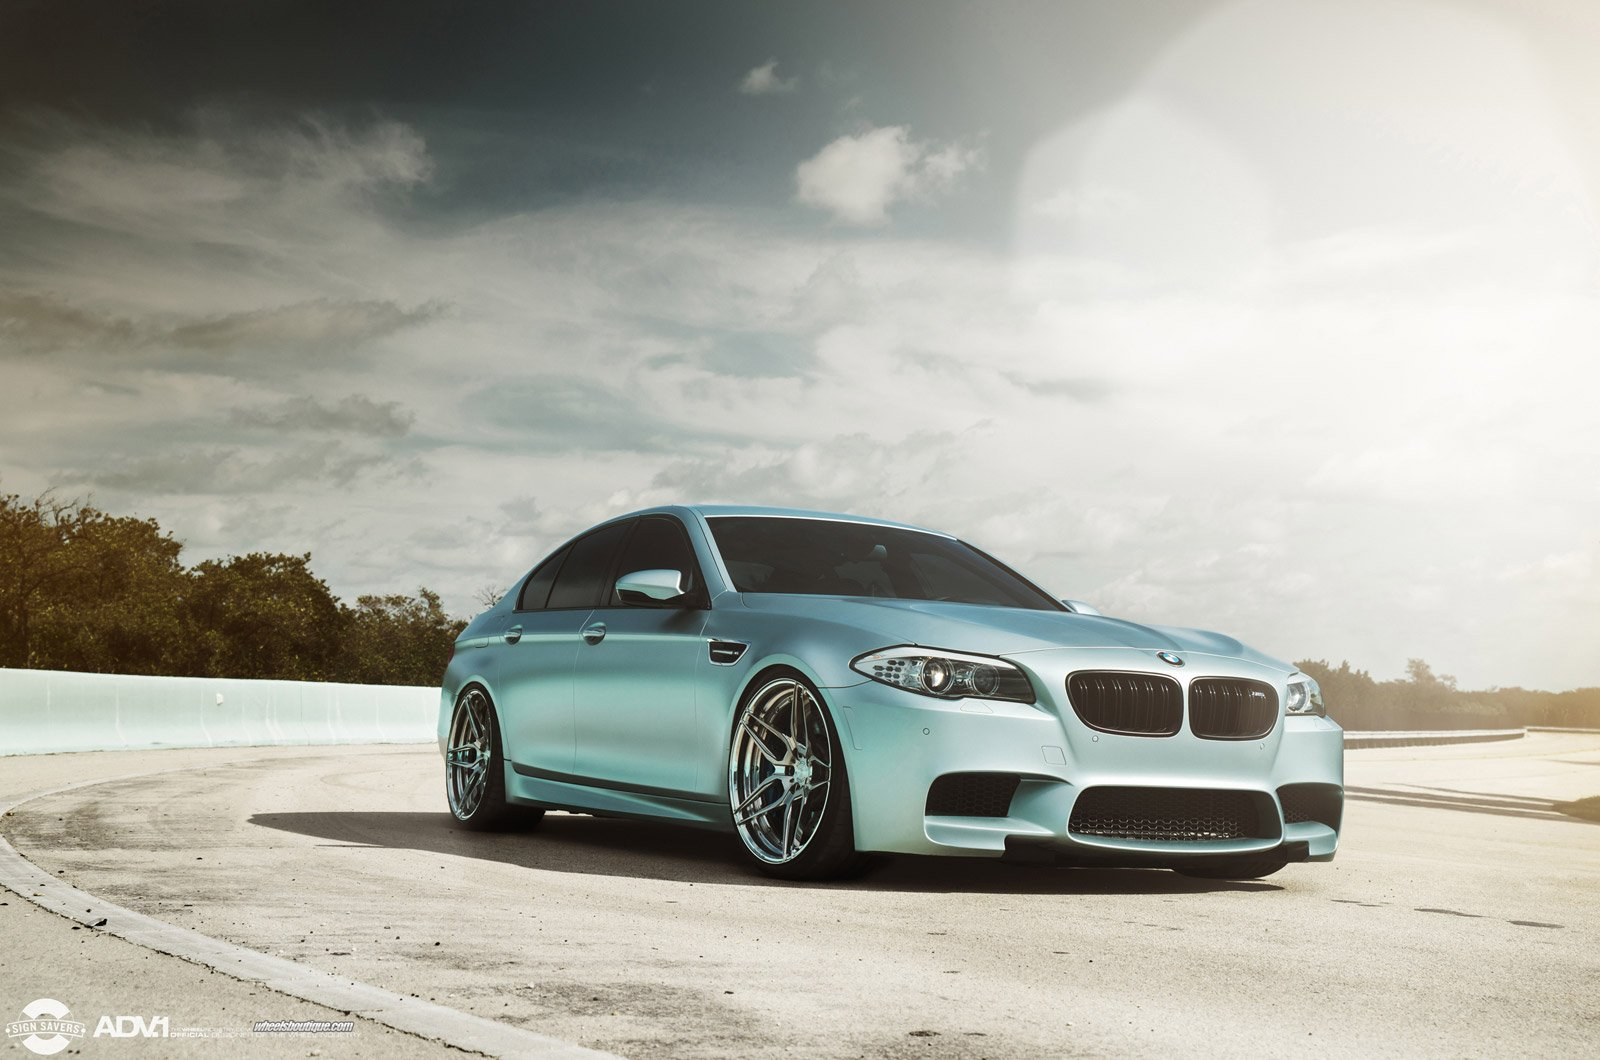 2014_ADV1_Tuning_wheels_cars_BMW_F10_M_5_1600x1060.jpg